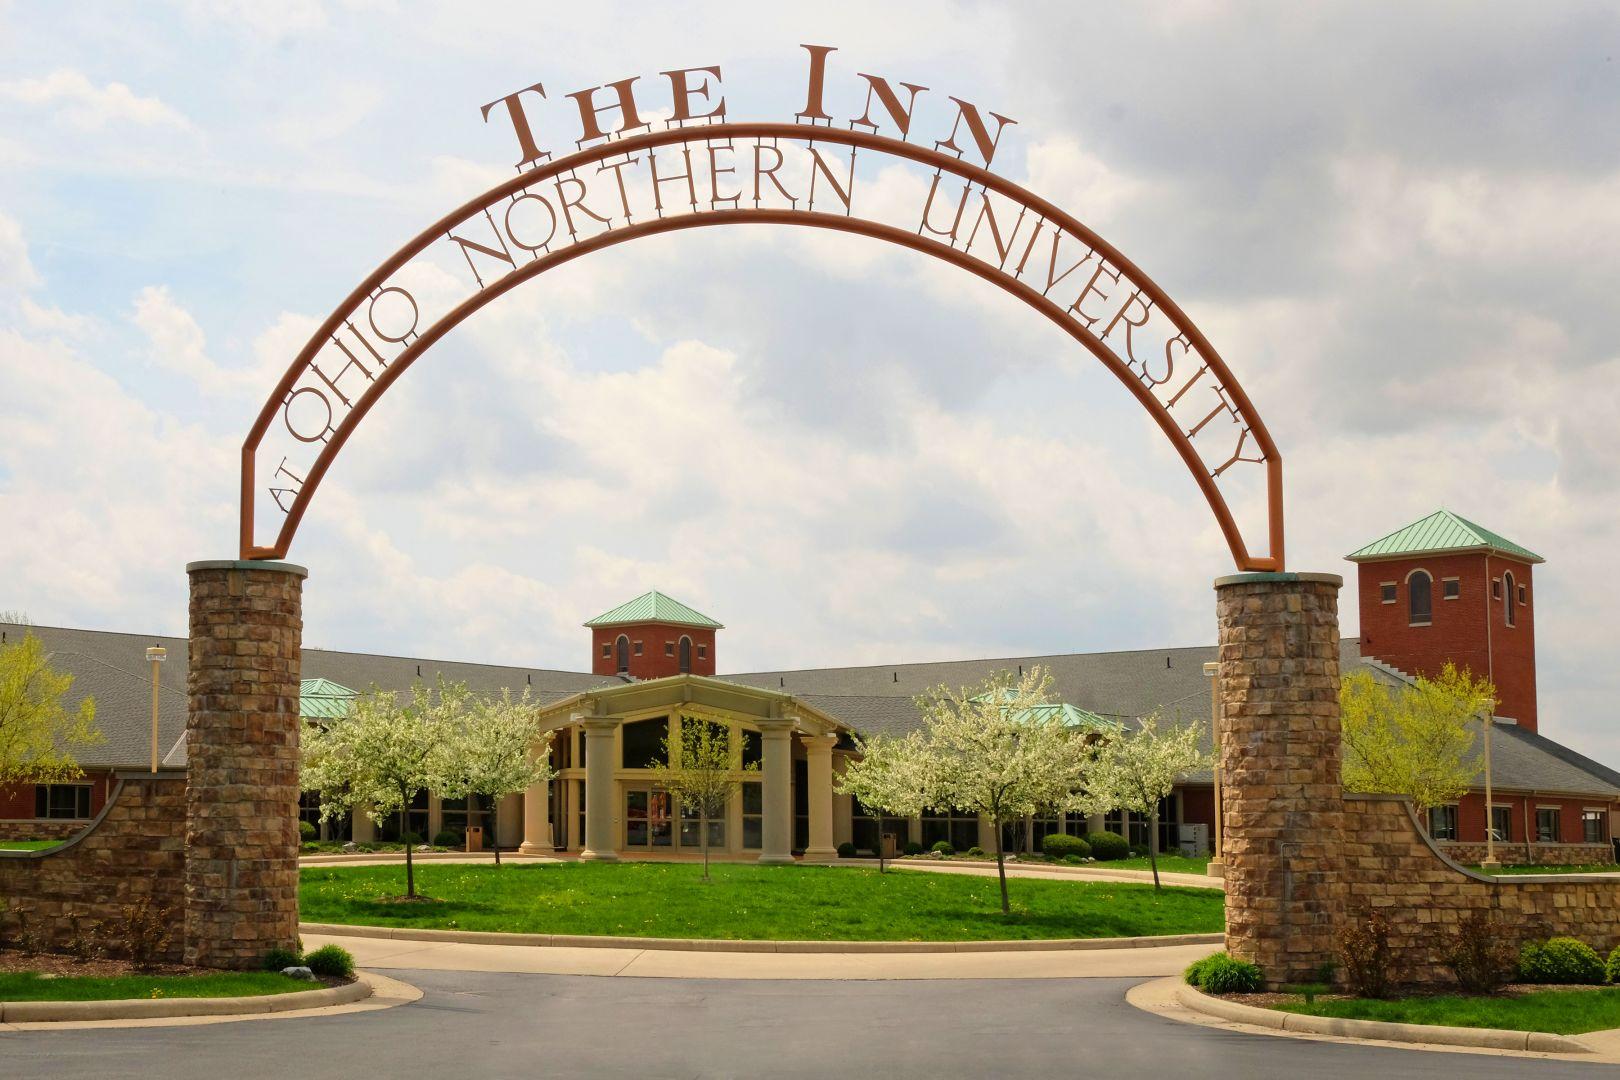 The Inn at ONU